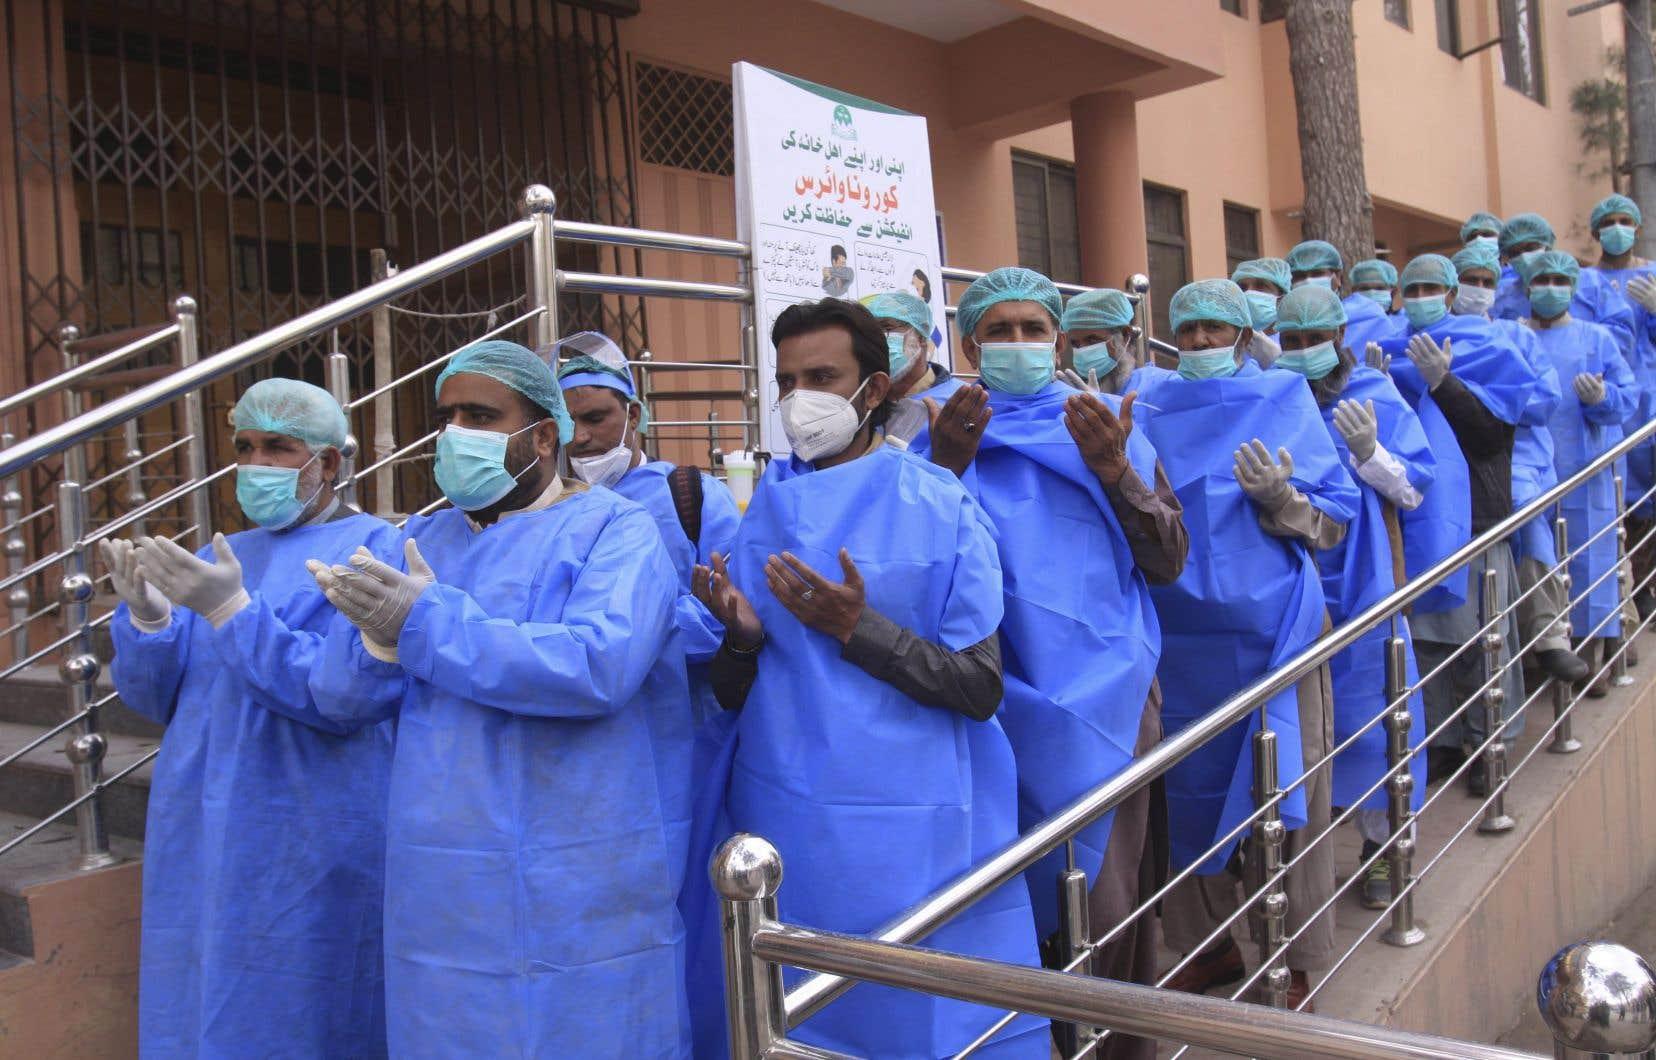 Des membres du personnel soignant d'un hôpital à Quetta, au Pakistan, prient avant l'amorce de leur quart de travail en fin mars 2020.